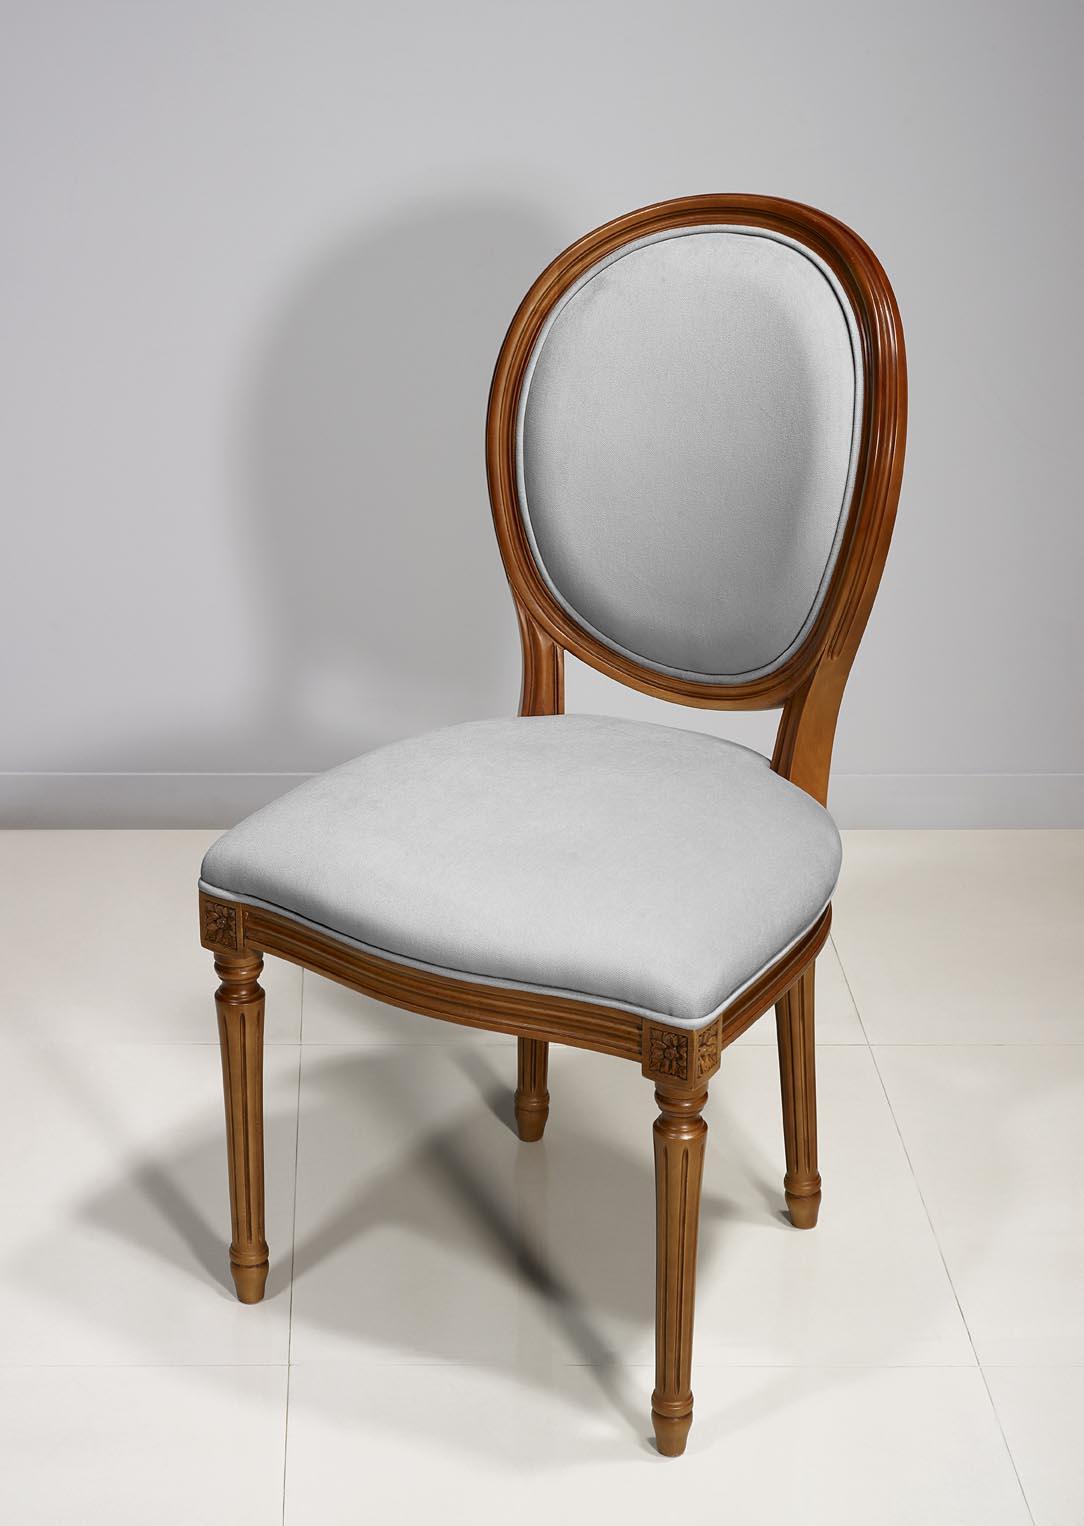 Chaise Emeline Ralise En Merisier Massif De Style Louis XVI Suedine Gris Clair